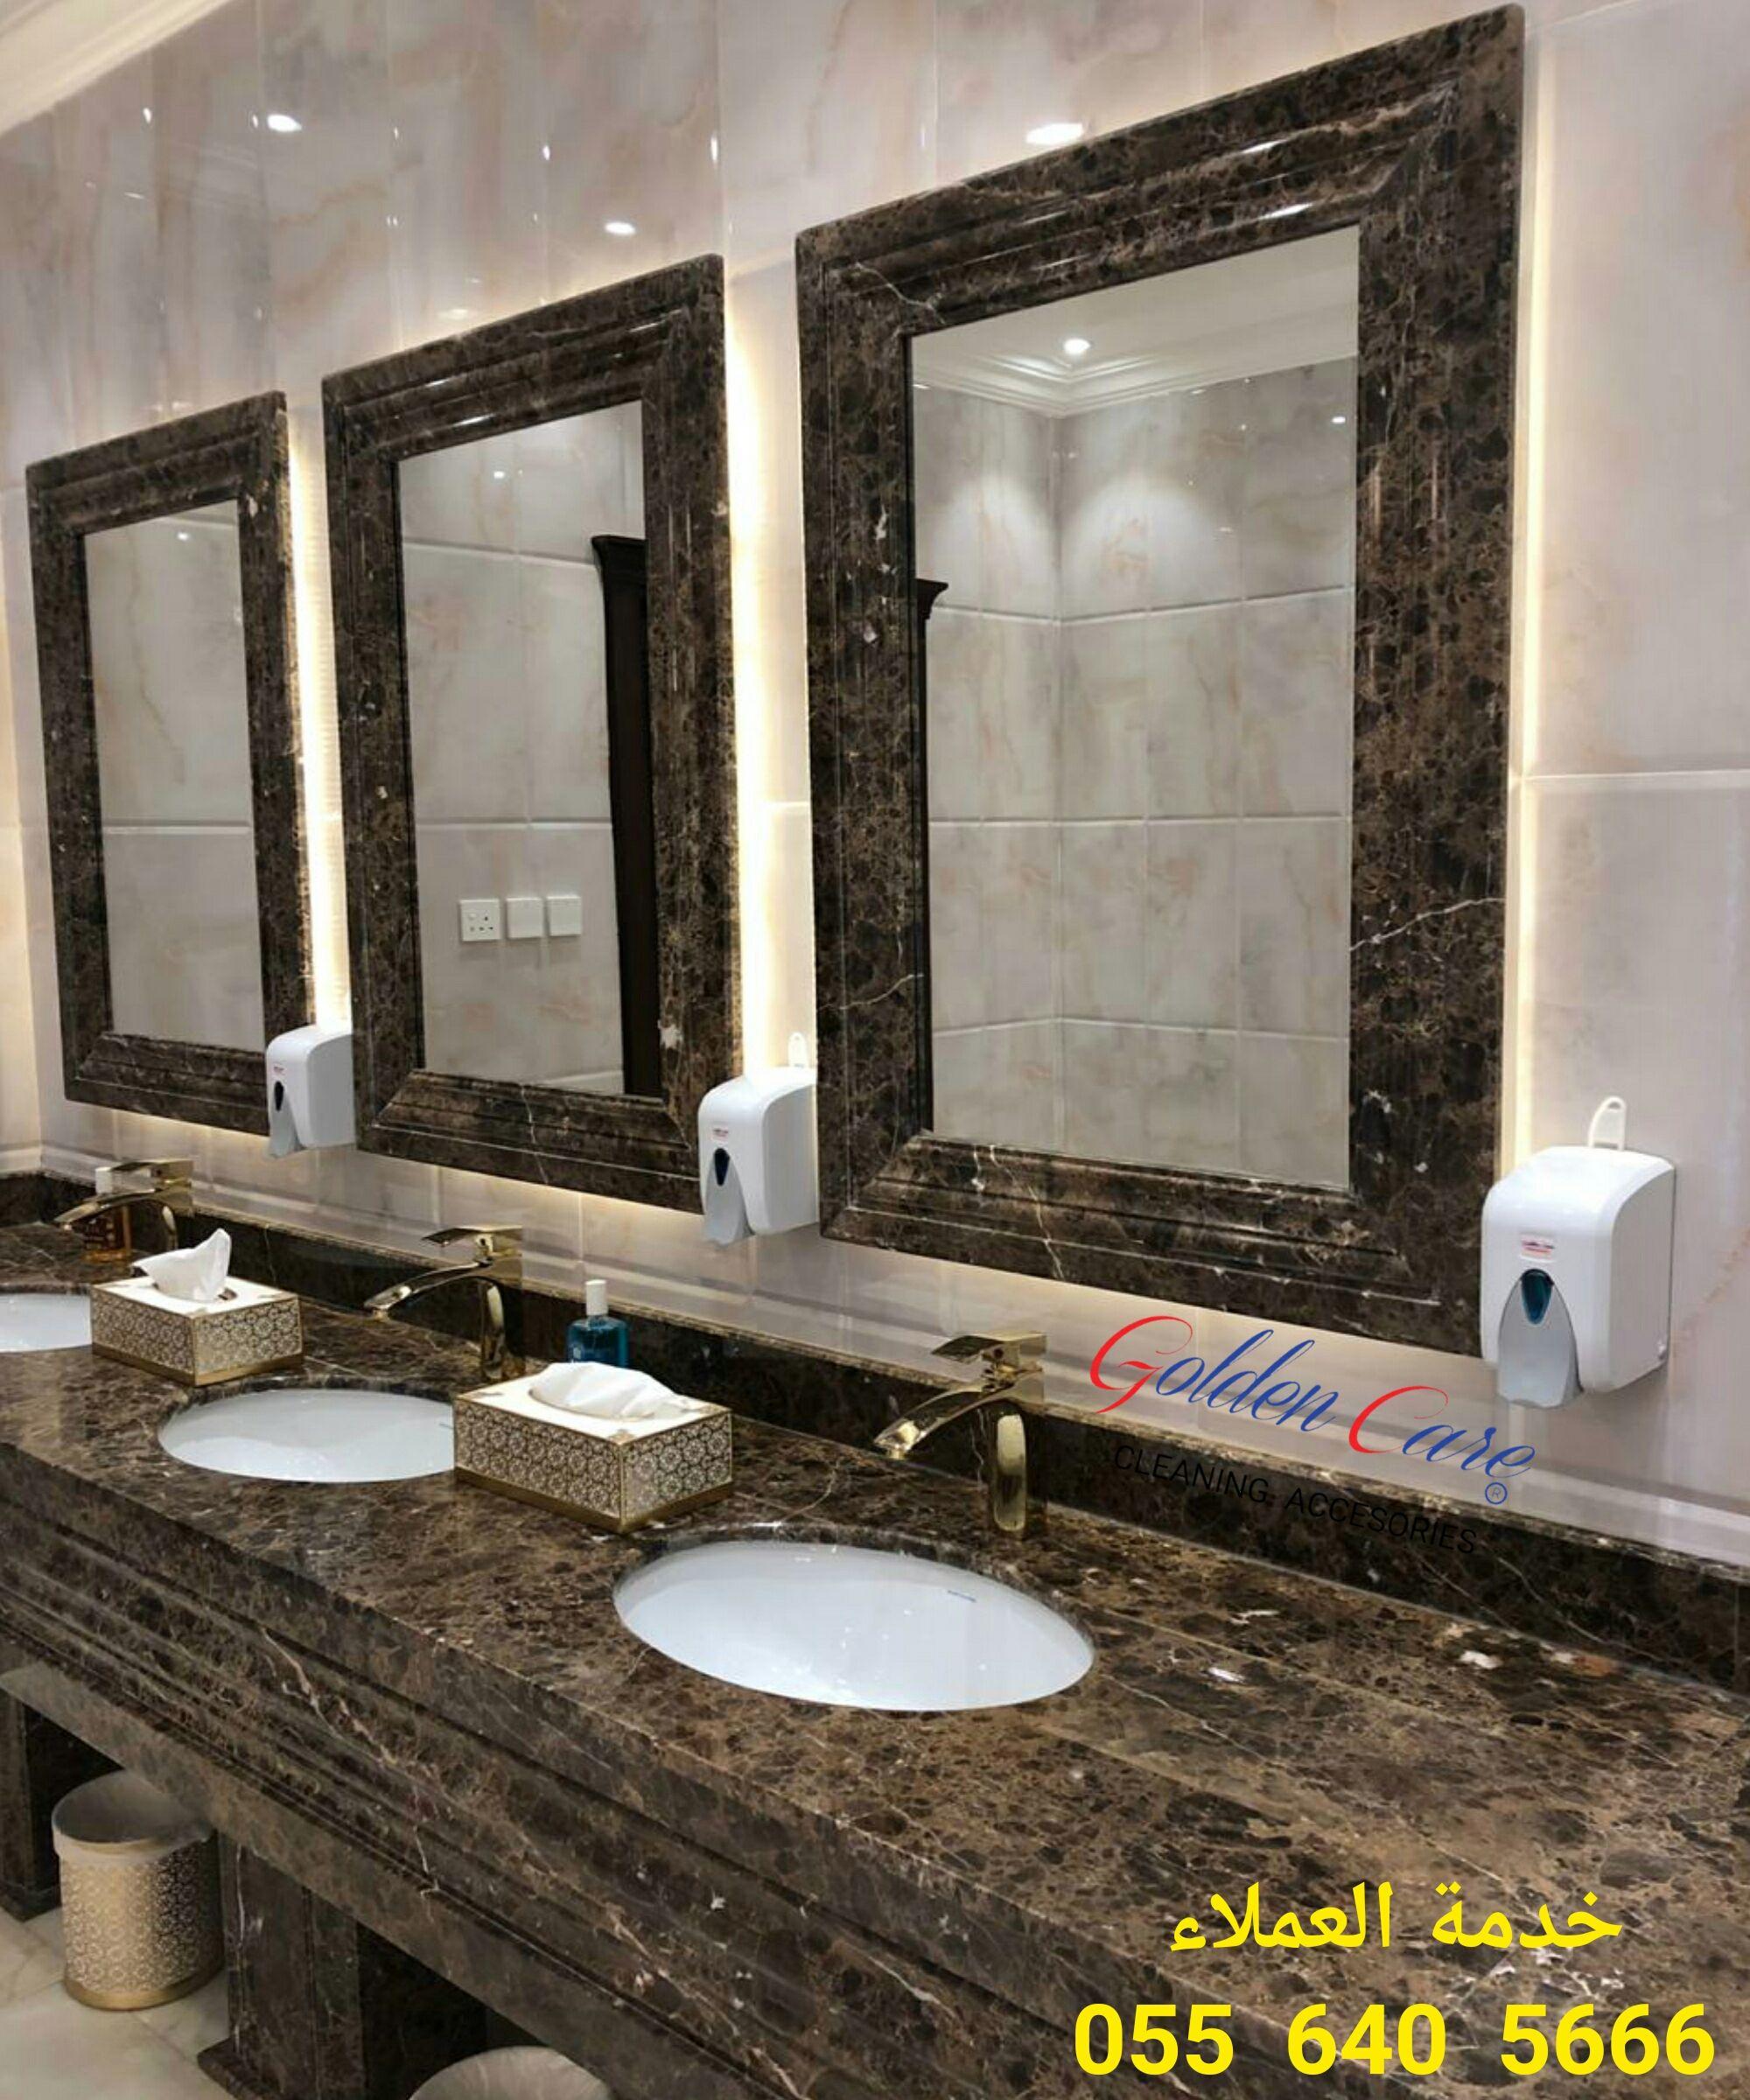 جهاز صابون رغوة لليدين يزين كبرى فنادق الرياض Framed Bathroom Mirror Bathroom Mirror Bathroom